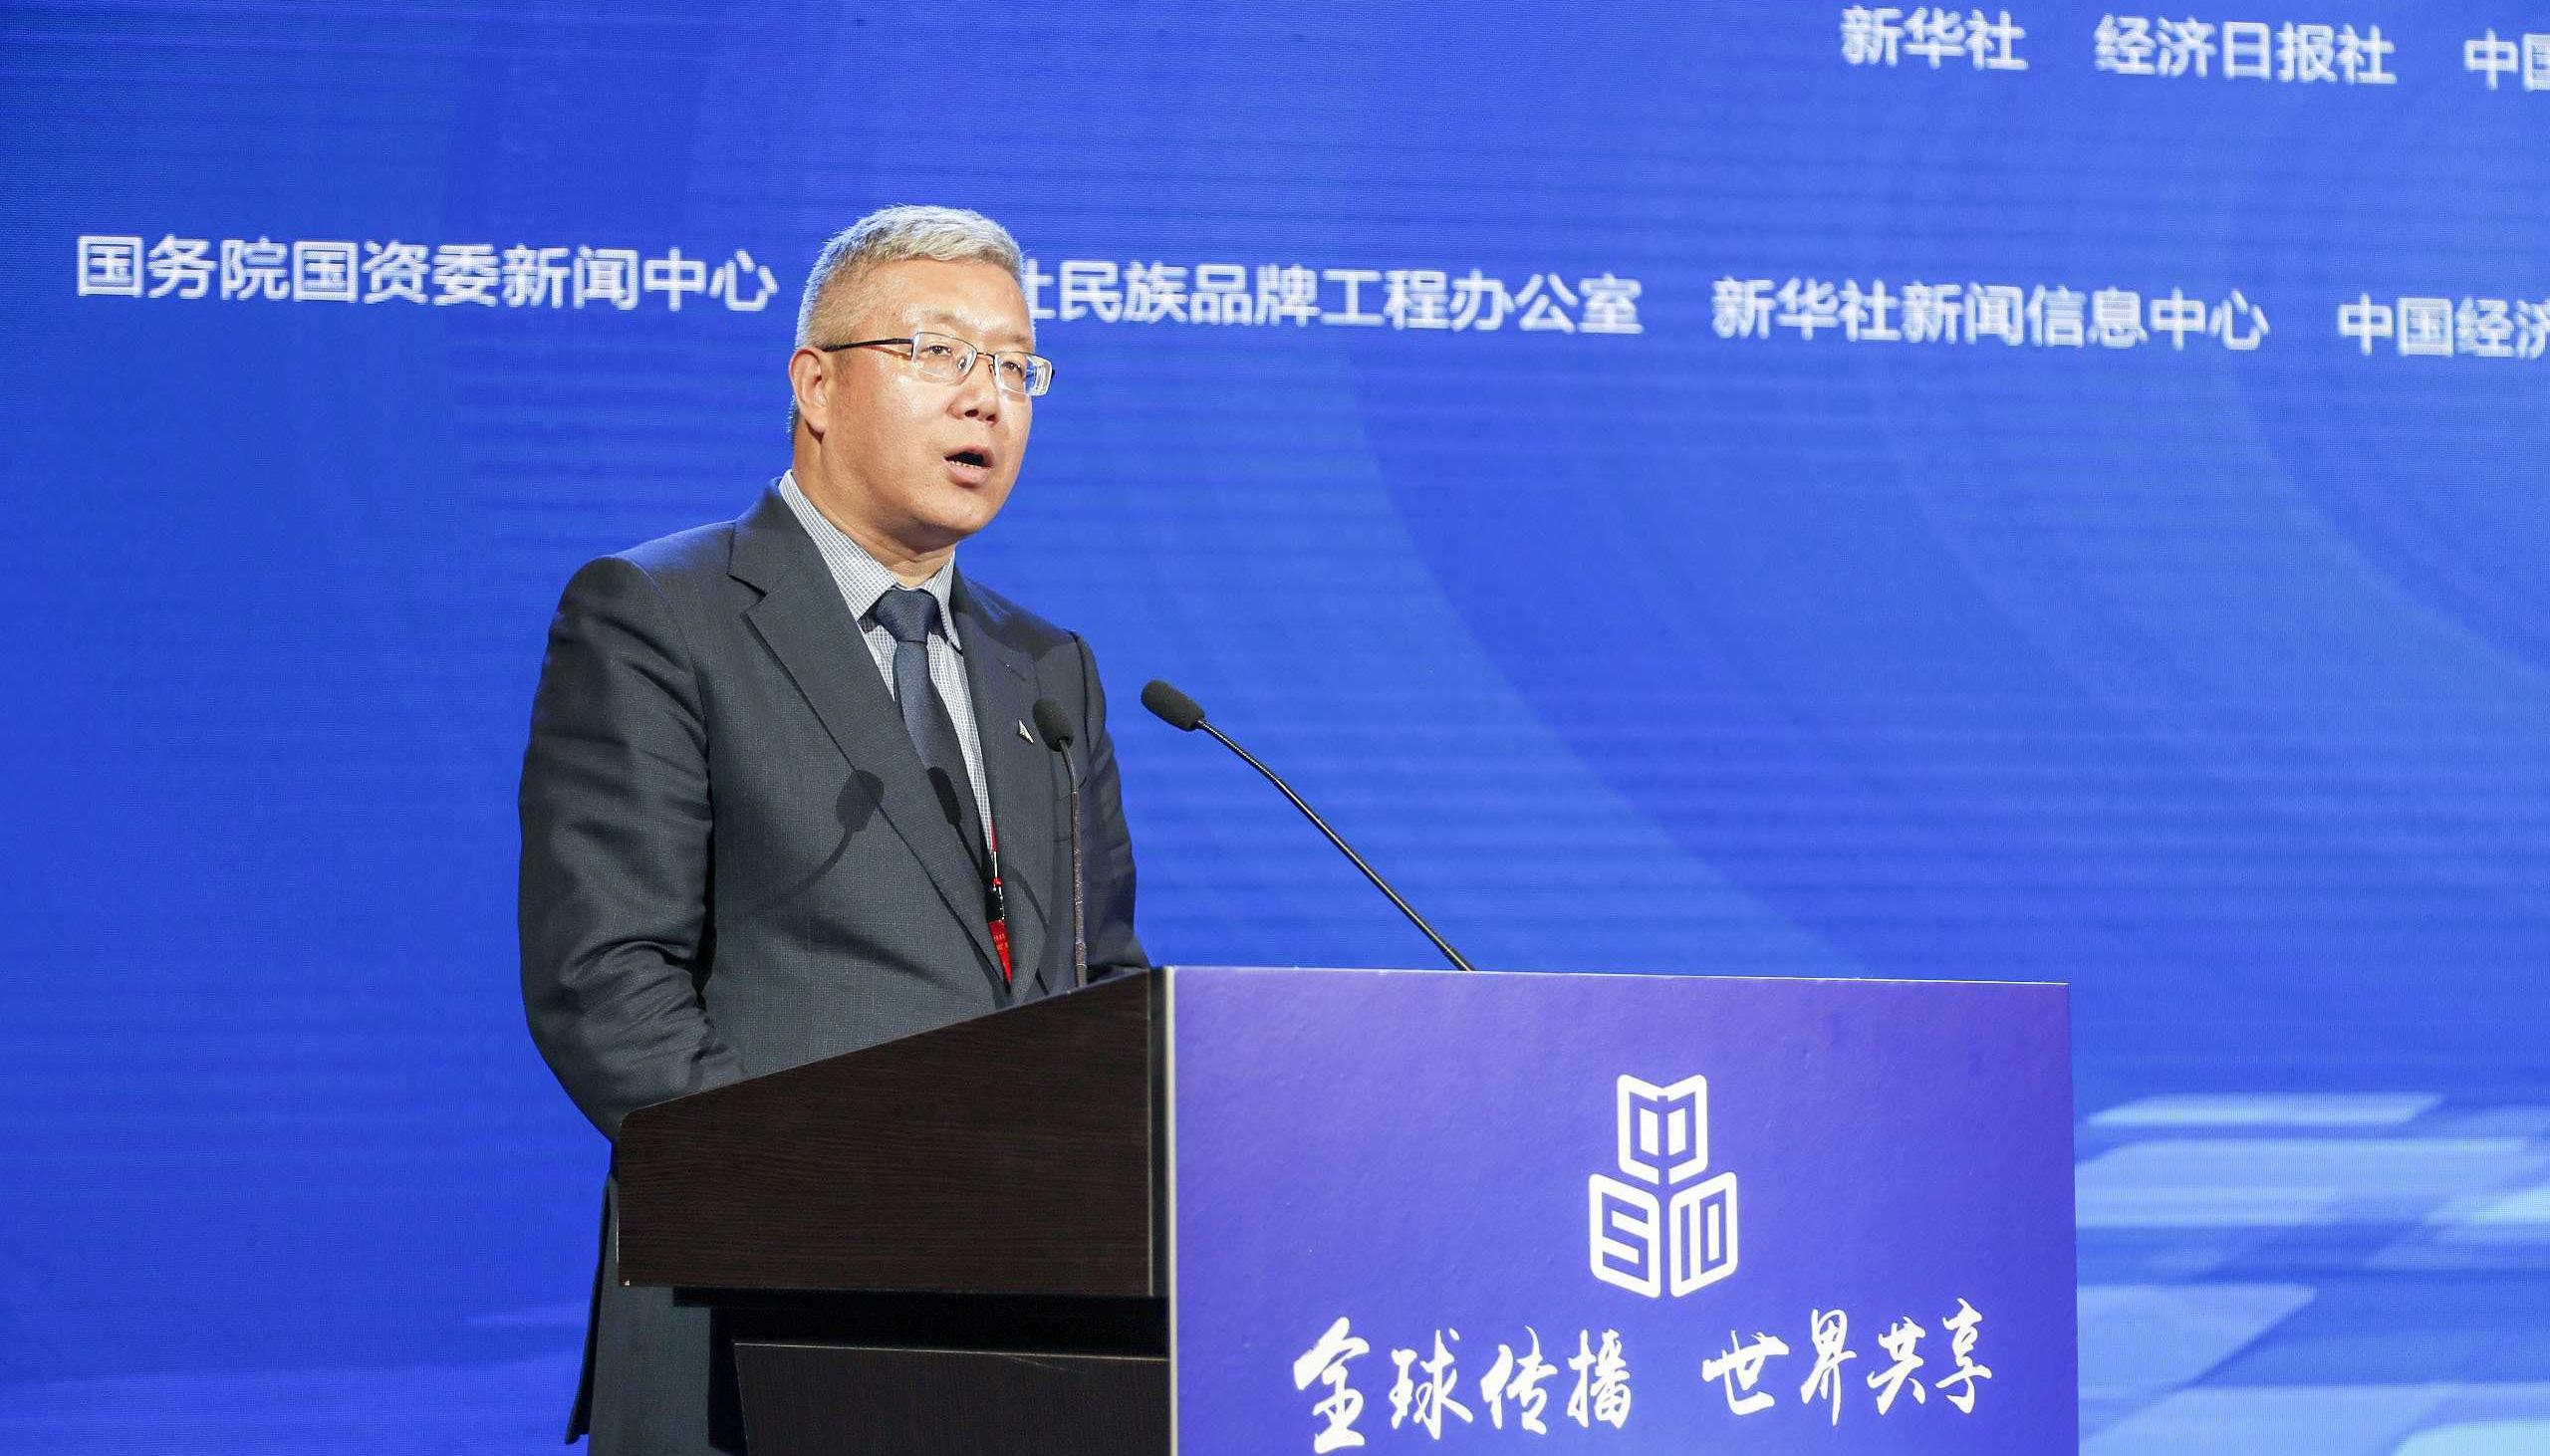 张京康:品牌引领作用将在居民消费决策中发挥重要影响